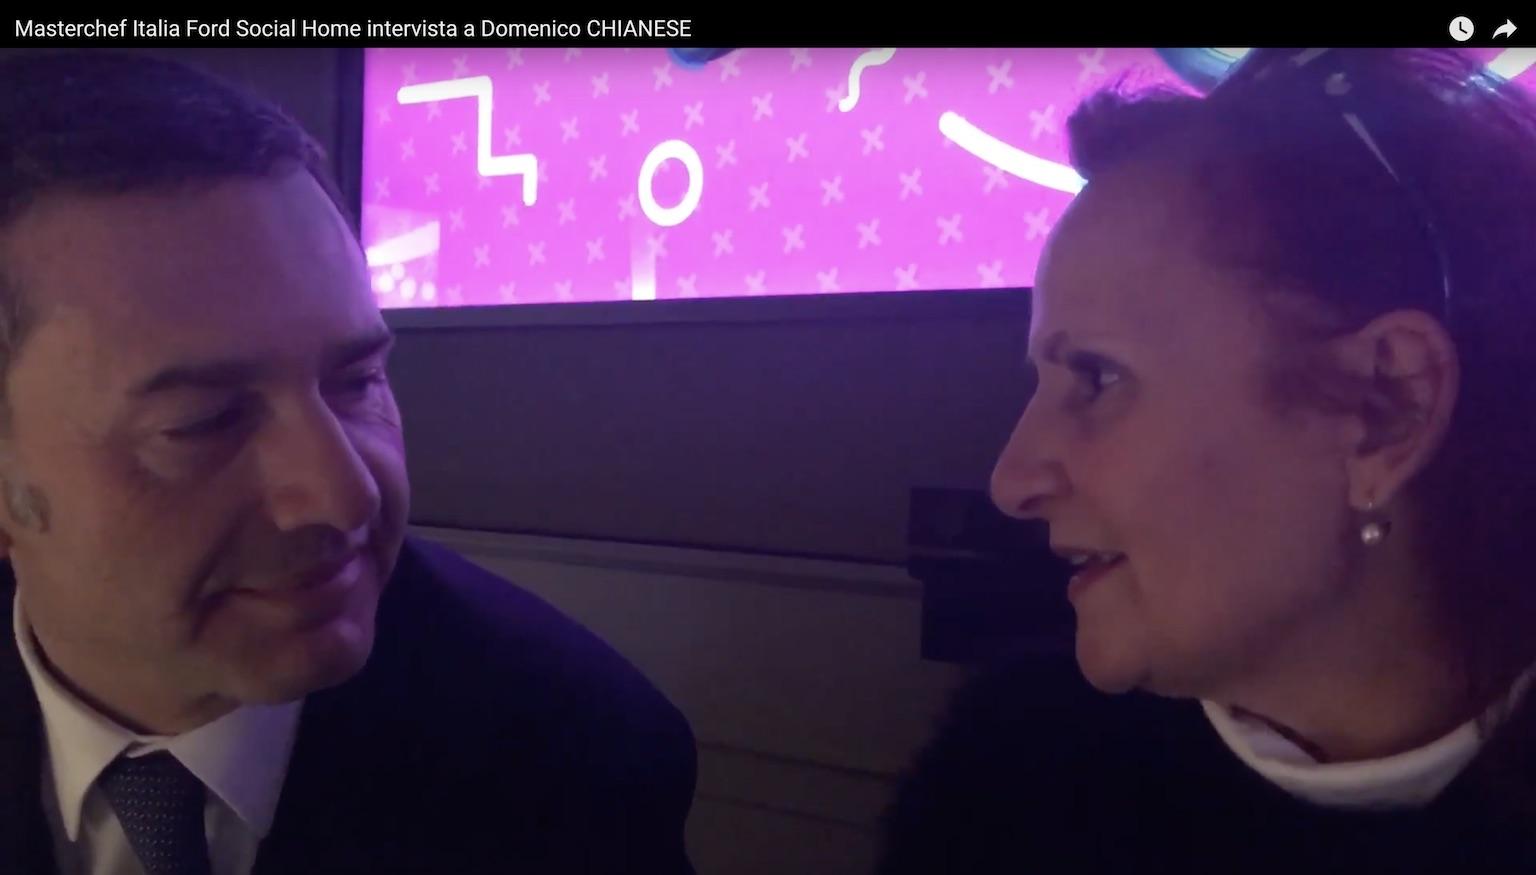 Domenico Chianese Ceo Ford Italia racconta Ford Social Home per Masterchef Italia: intervista di Maria Paola Guerra